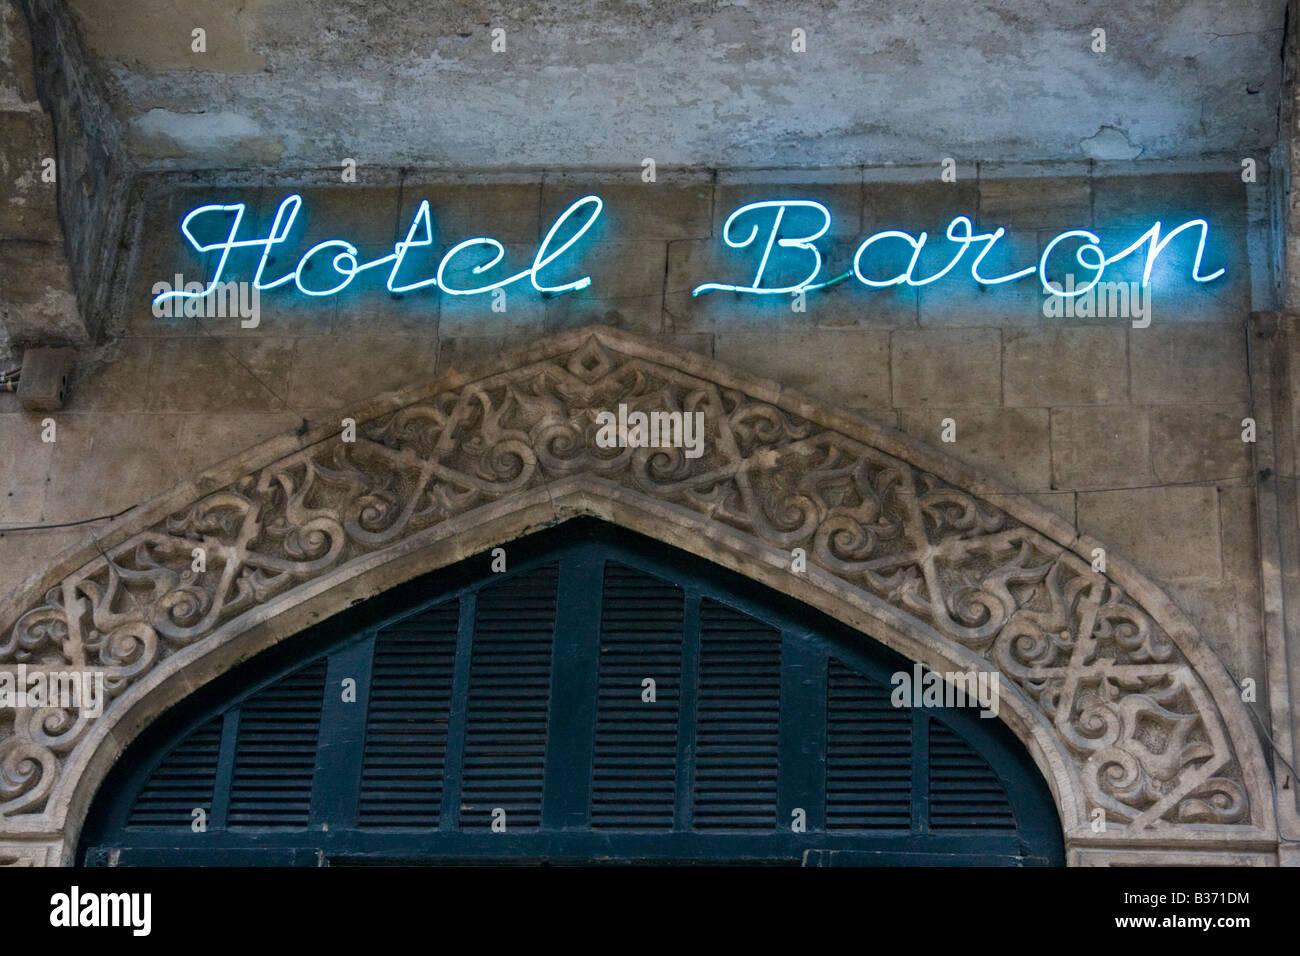 Historic Hotel Baron in Aleppo Syria - Stock Image